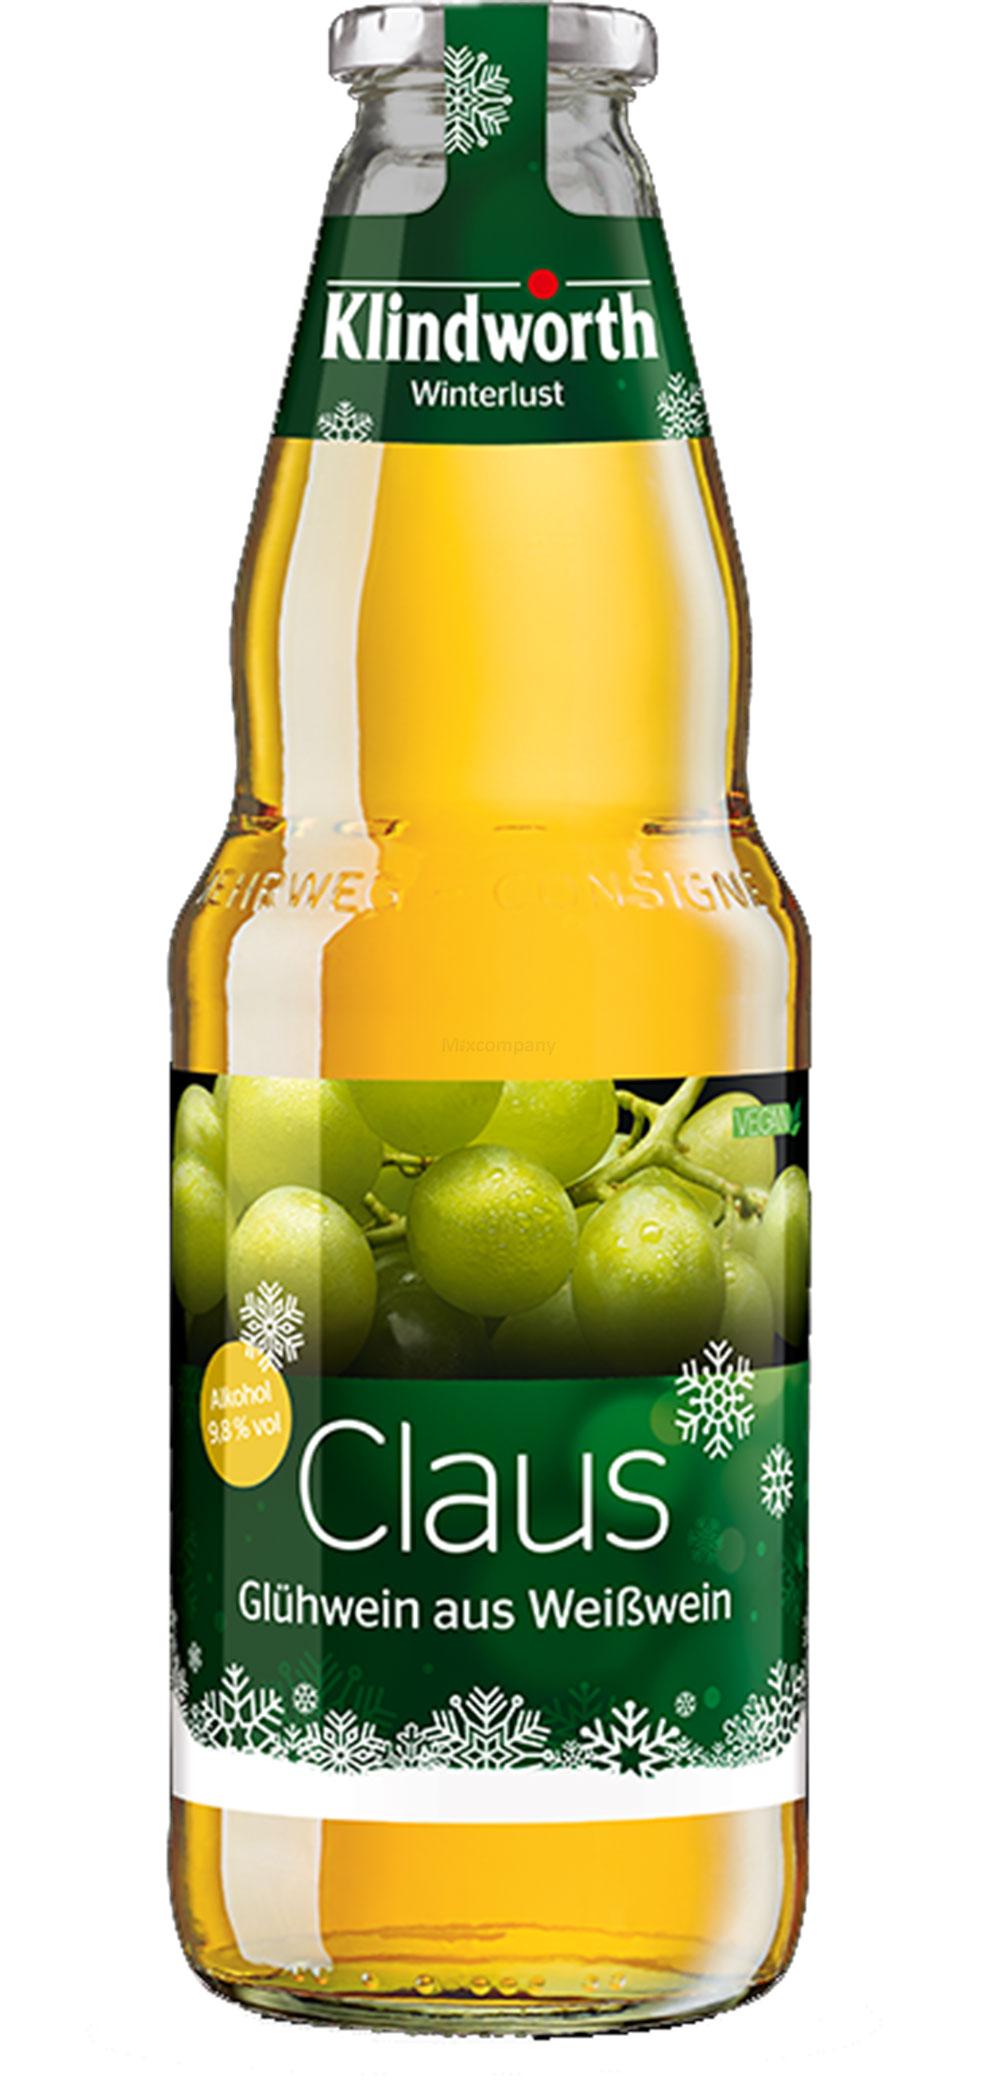 Klindworth Claus Glühwein aus Weißwein - 1x Winterlust Glühwein 1L (9,8% Vol) inkl. Pfand MEHRWEG- [Enthält Sulfite]